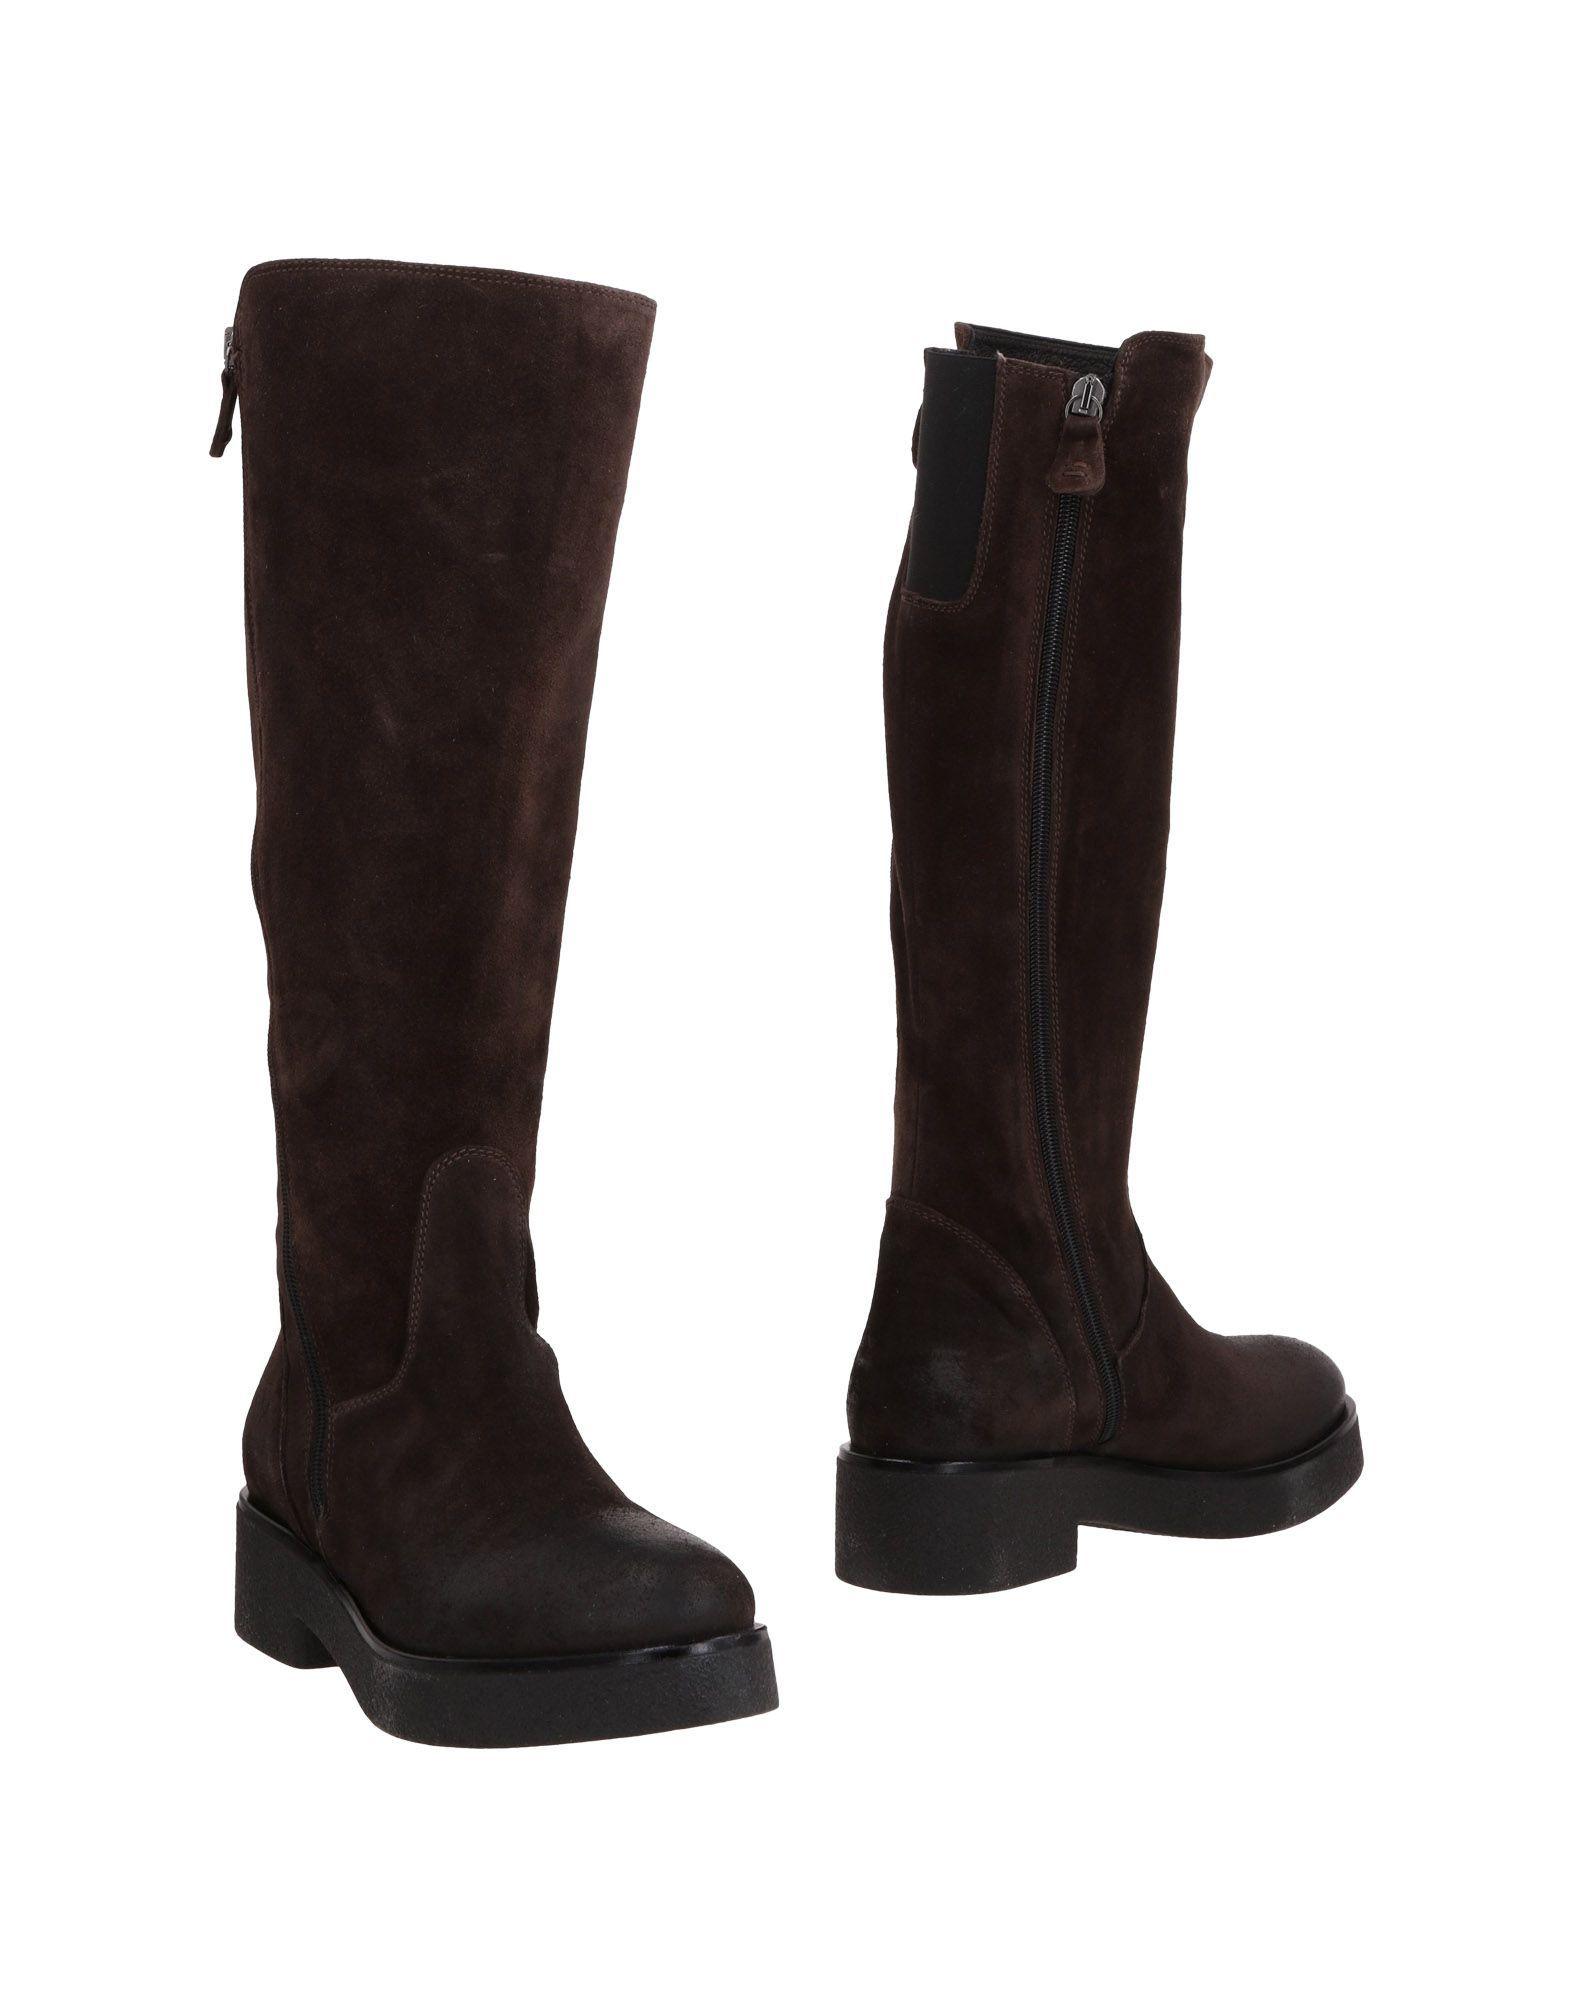 Footwear Mally Dark Brown Women's Leather